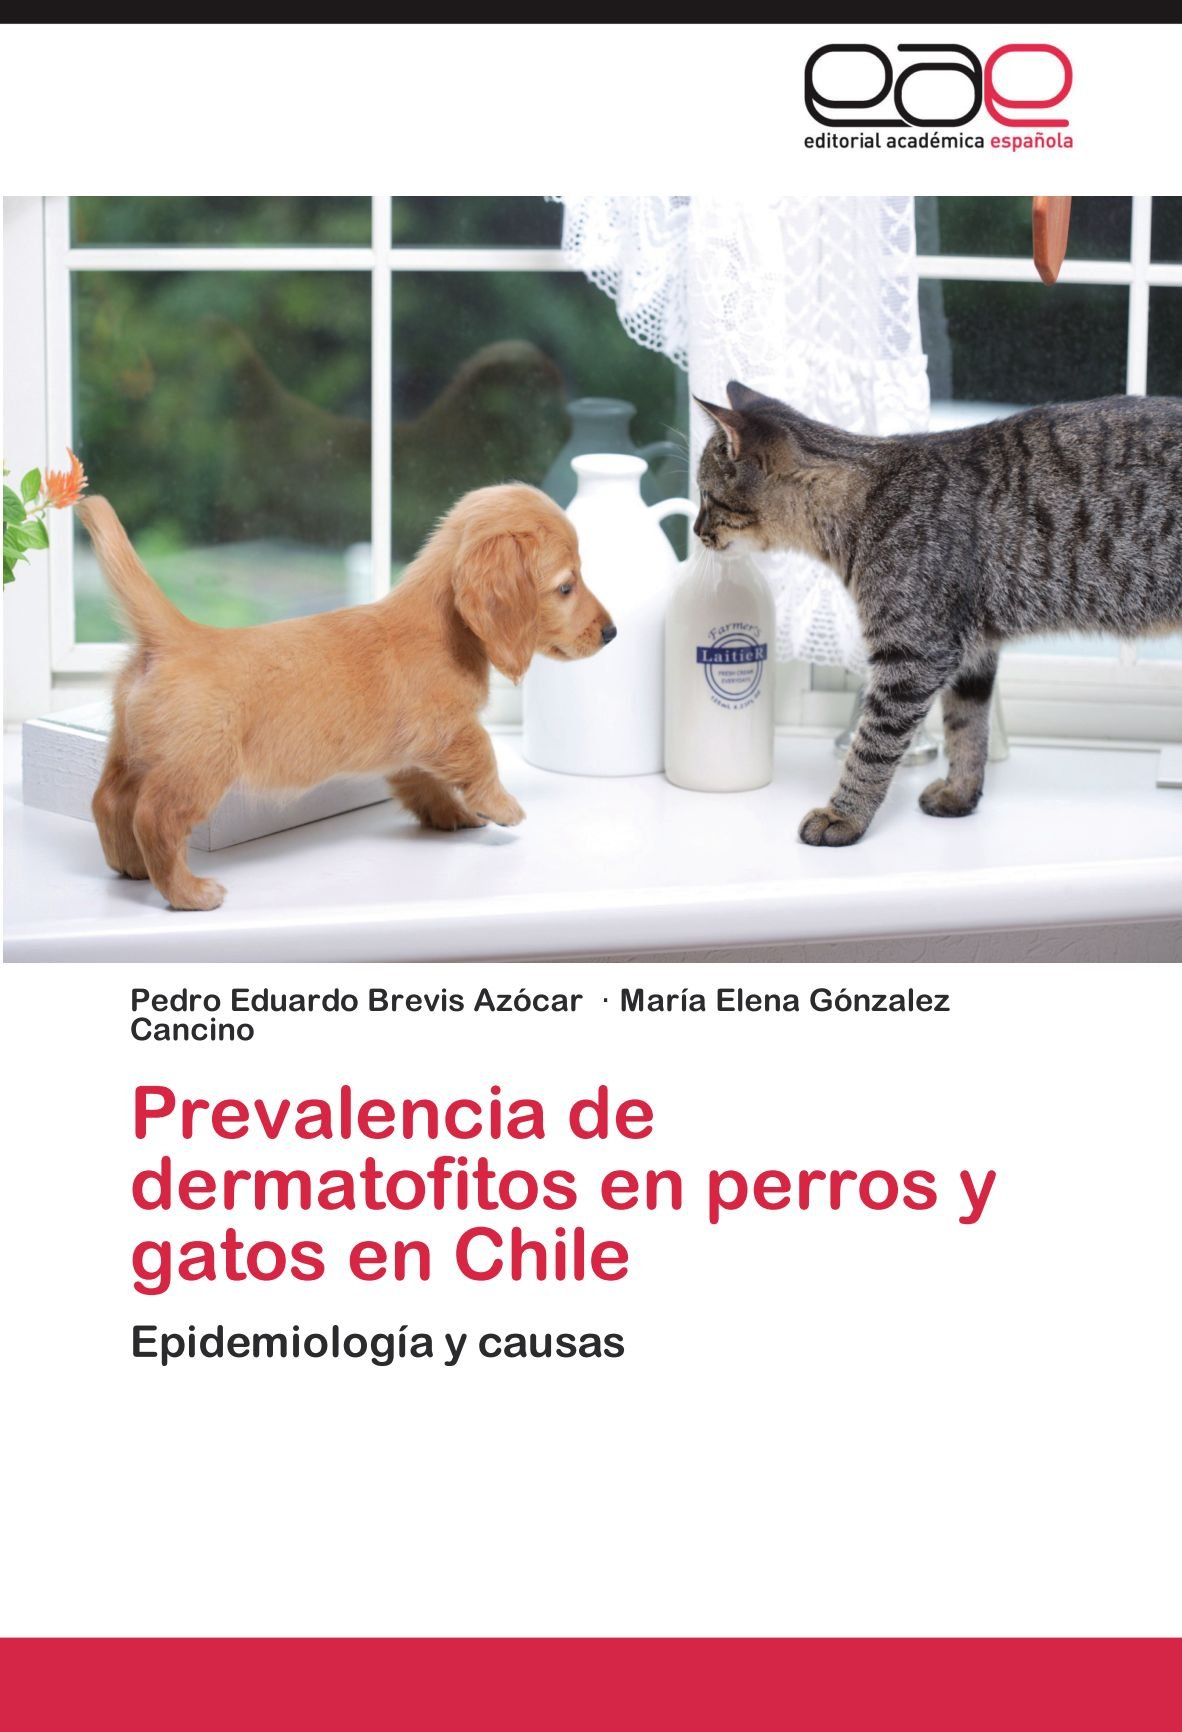 Prevalencia de dermatofitos en perros y gatos en Chile: Epidemiología y causas (Spanish Edition) (Spanish) Paperback – October 24, 2011